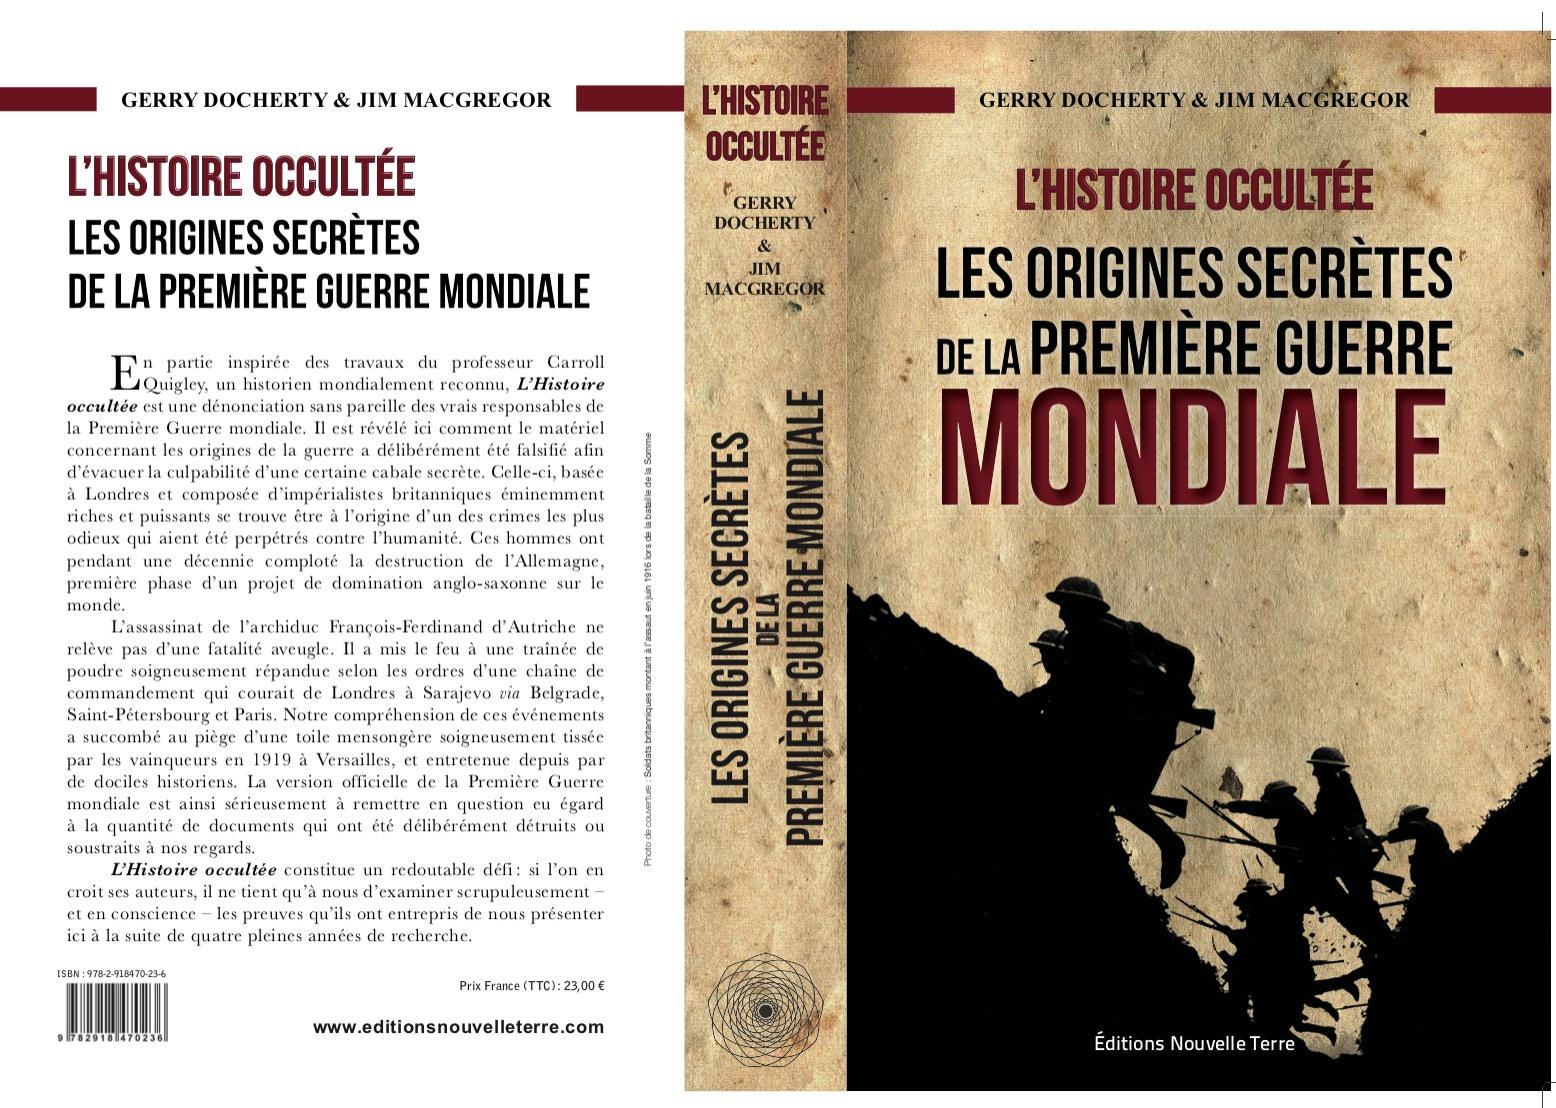 Le livre a été traduit en français :